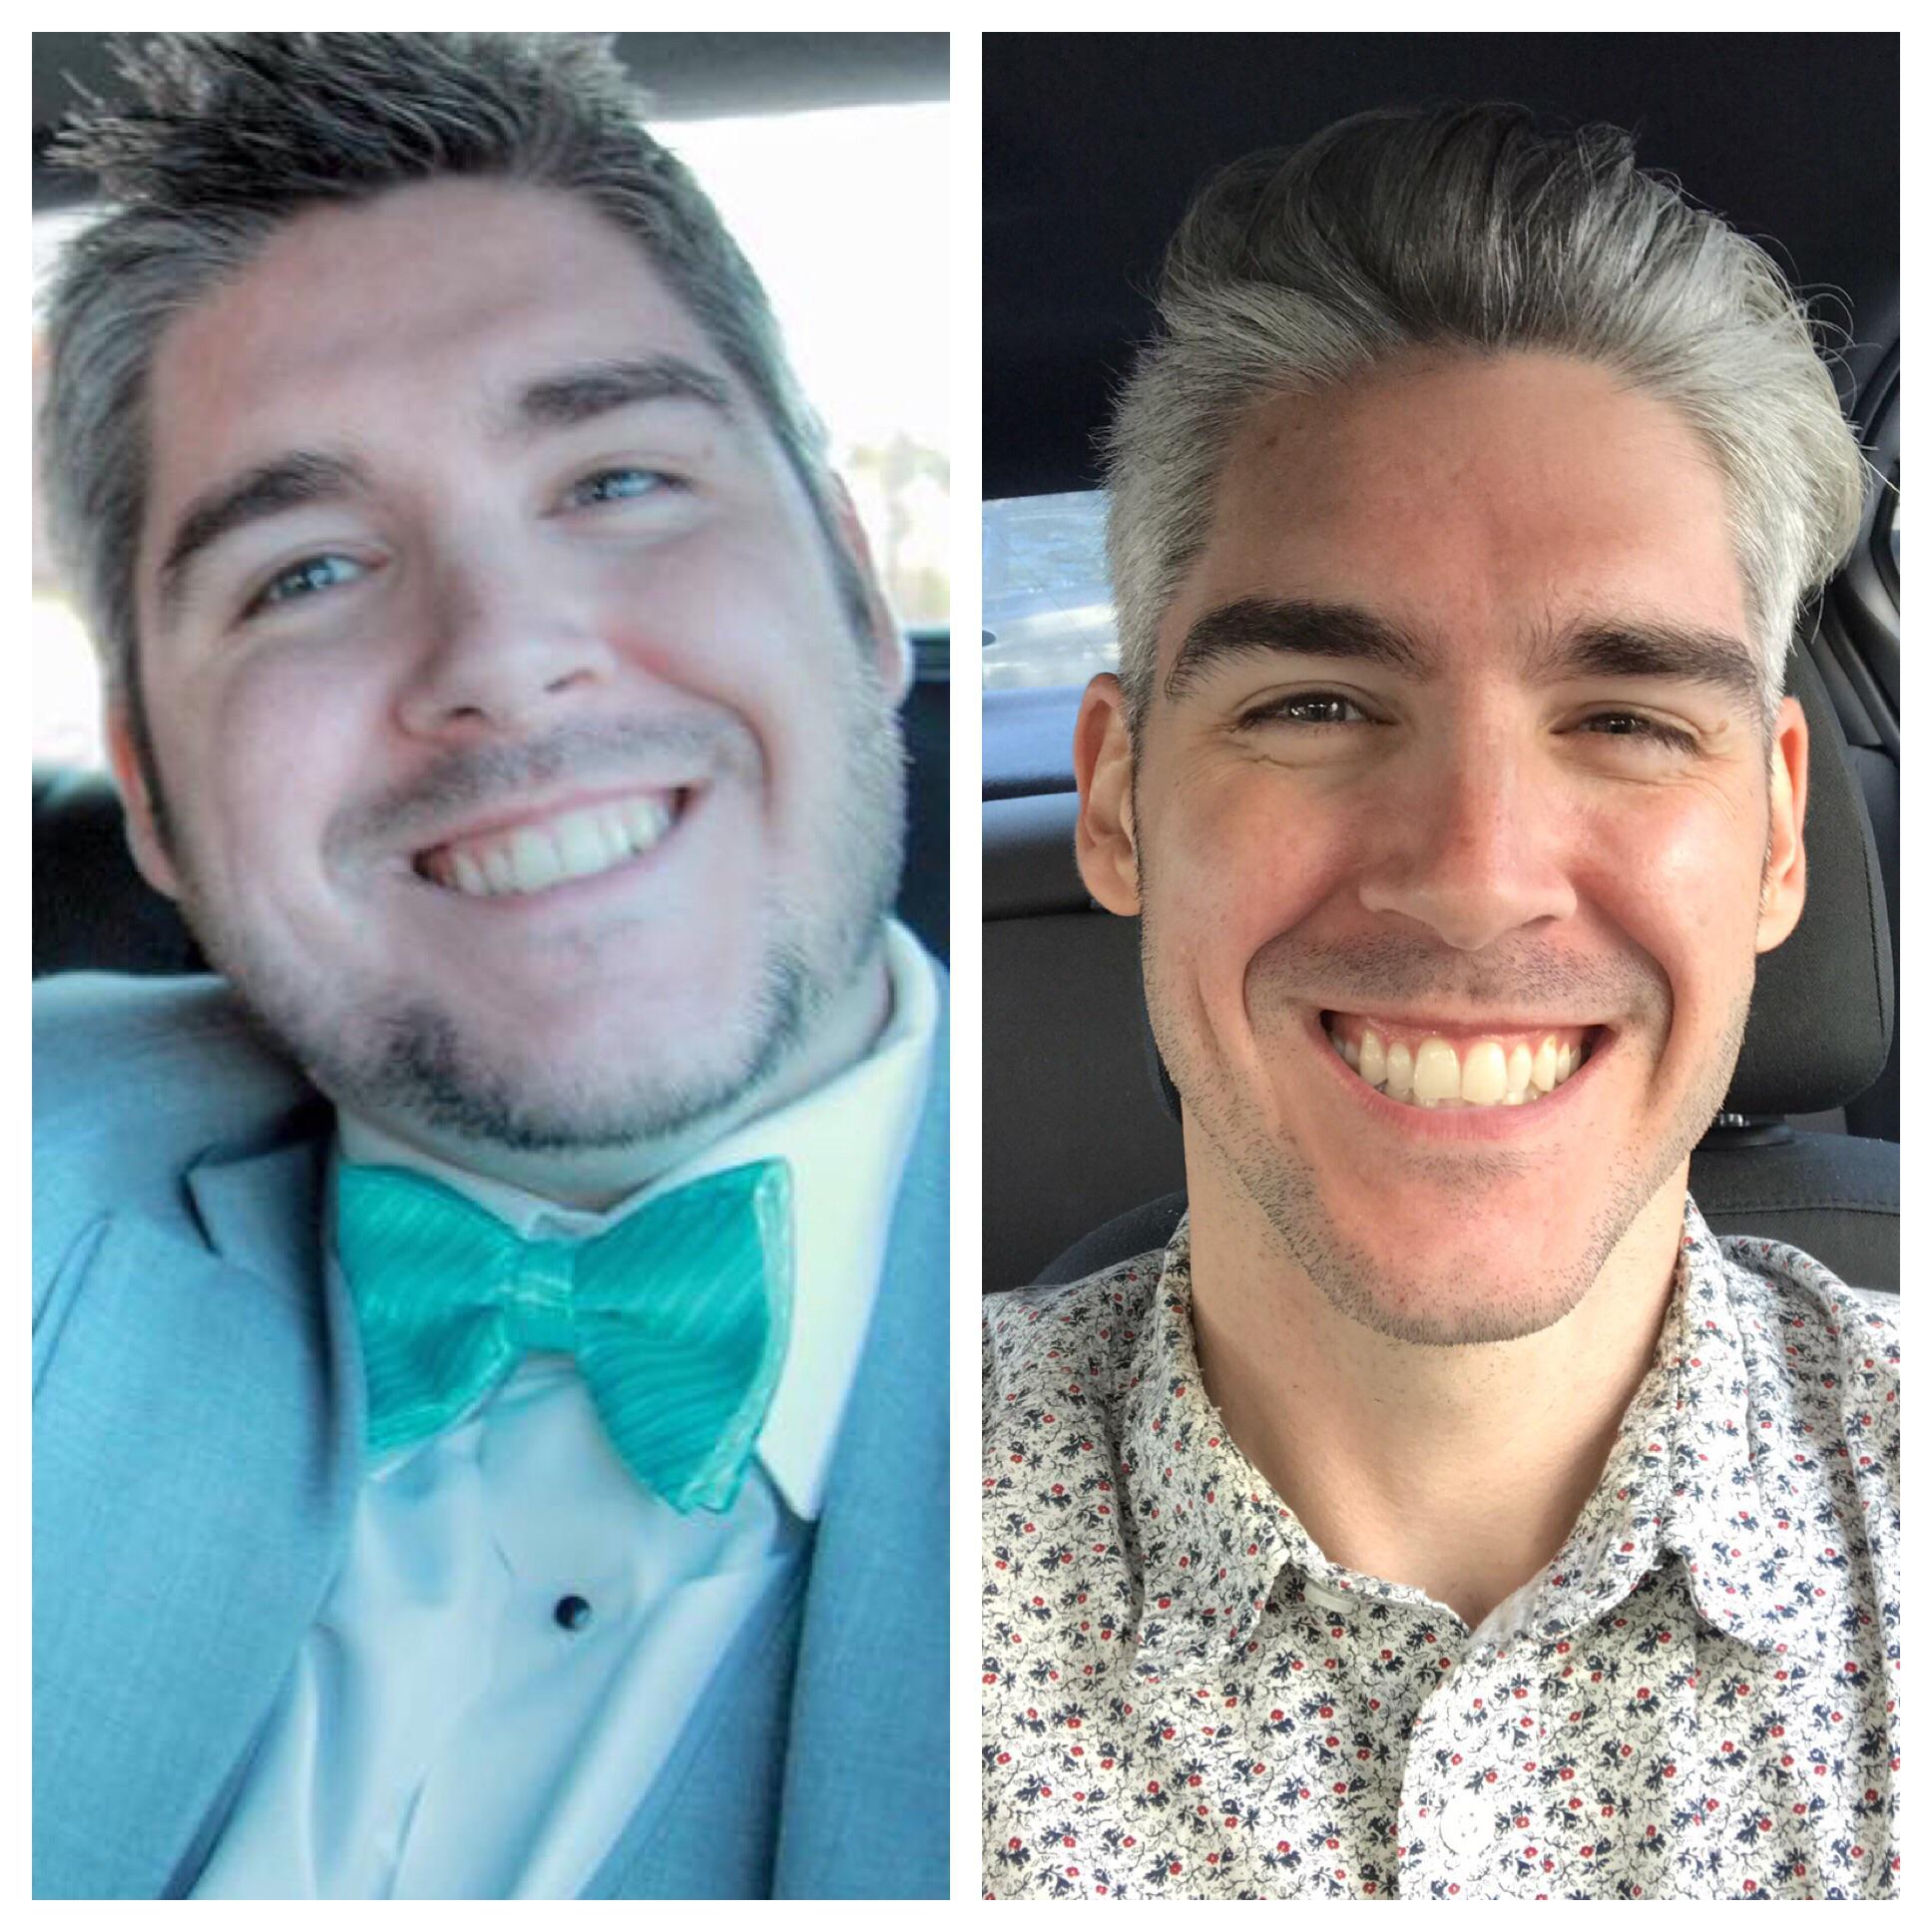 Progress Pics of 112 lbs Fat Loss 5 foot 10 Male 275 lbs to 163 lbs